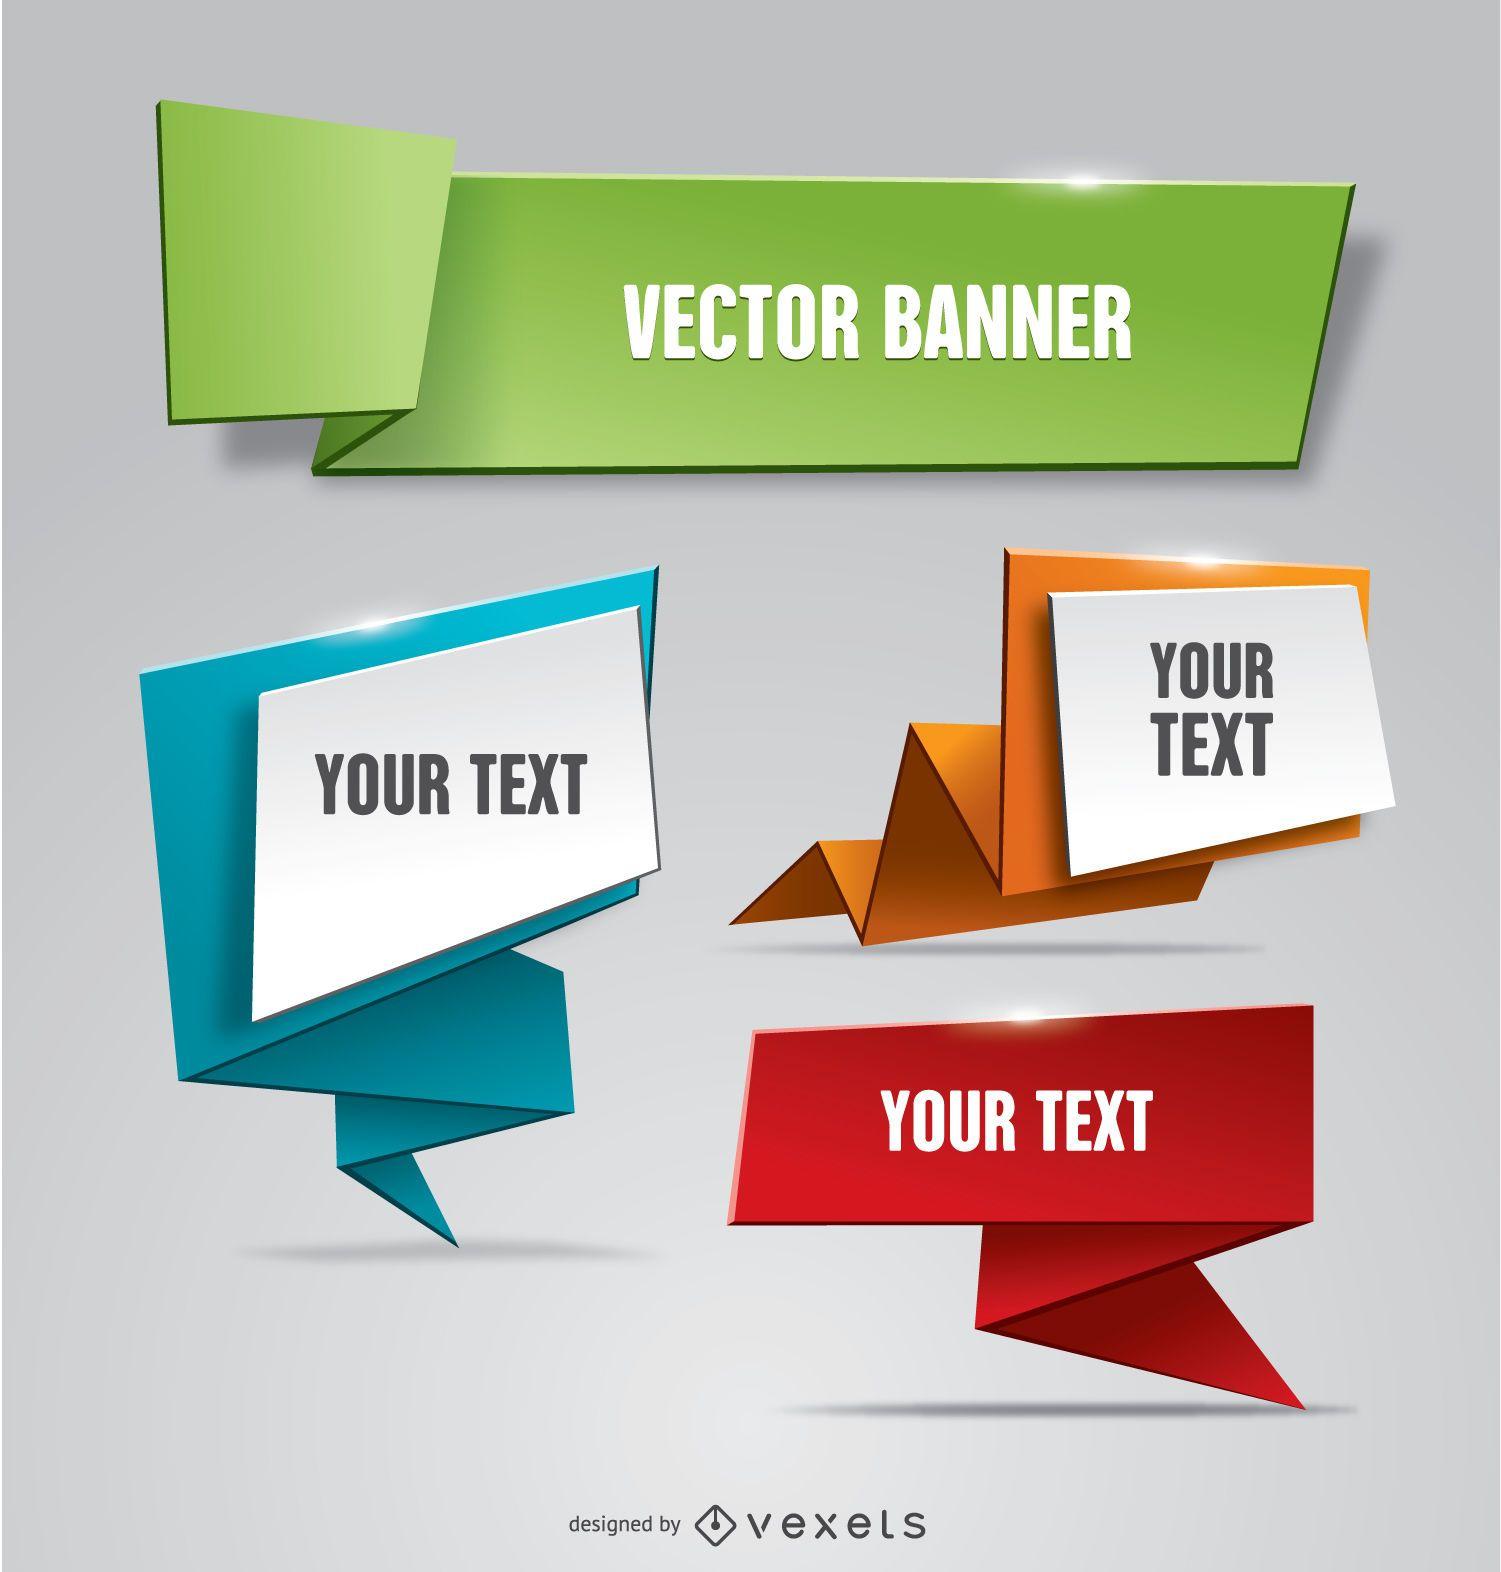 Bandera de papel doblado estilo de Origami - Descargar vector